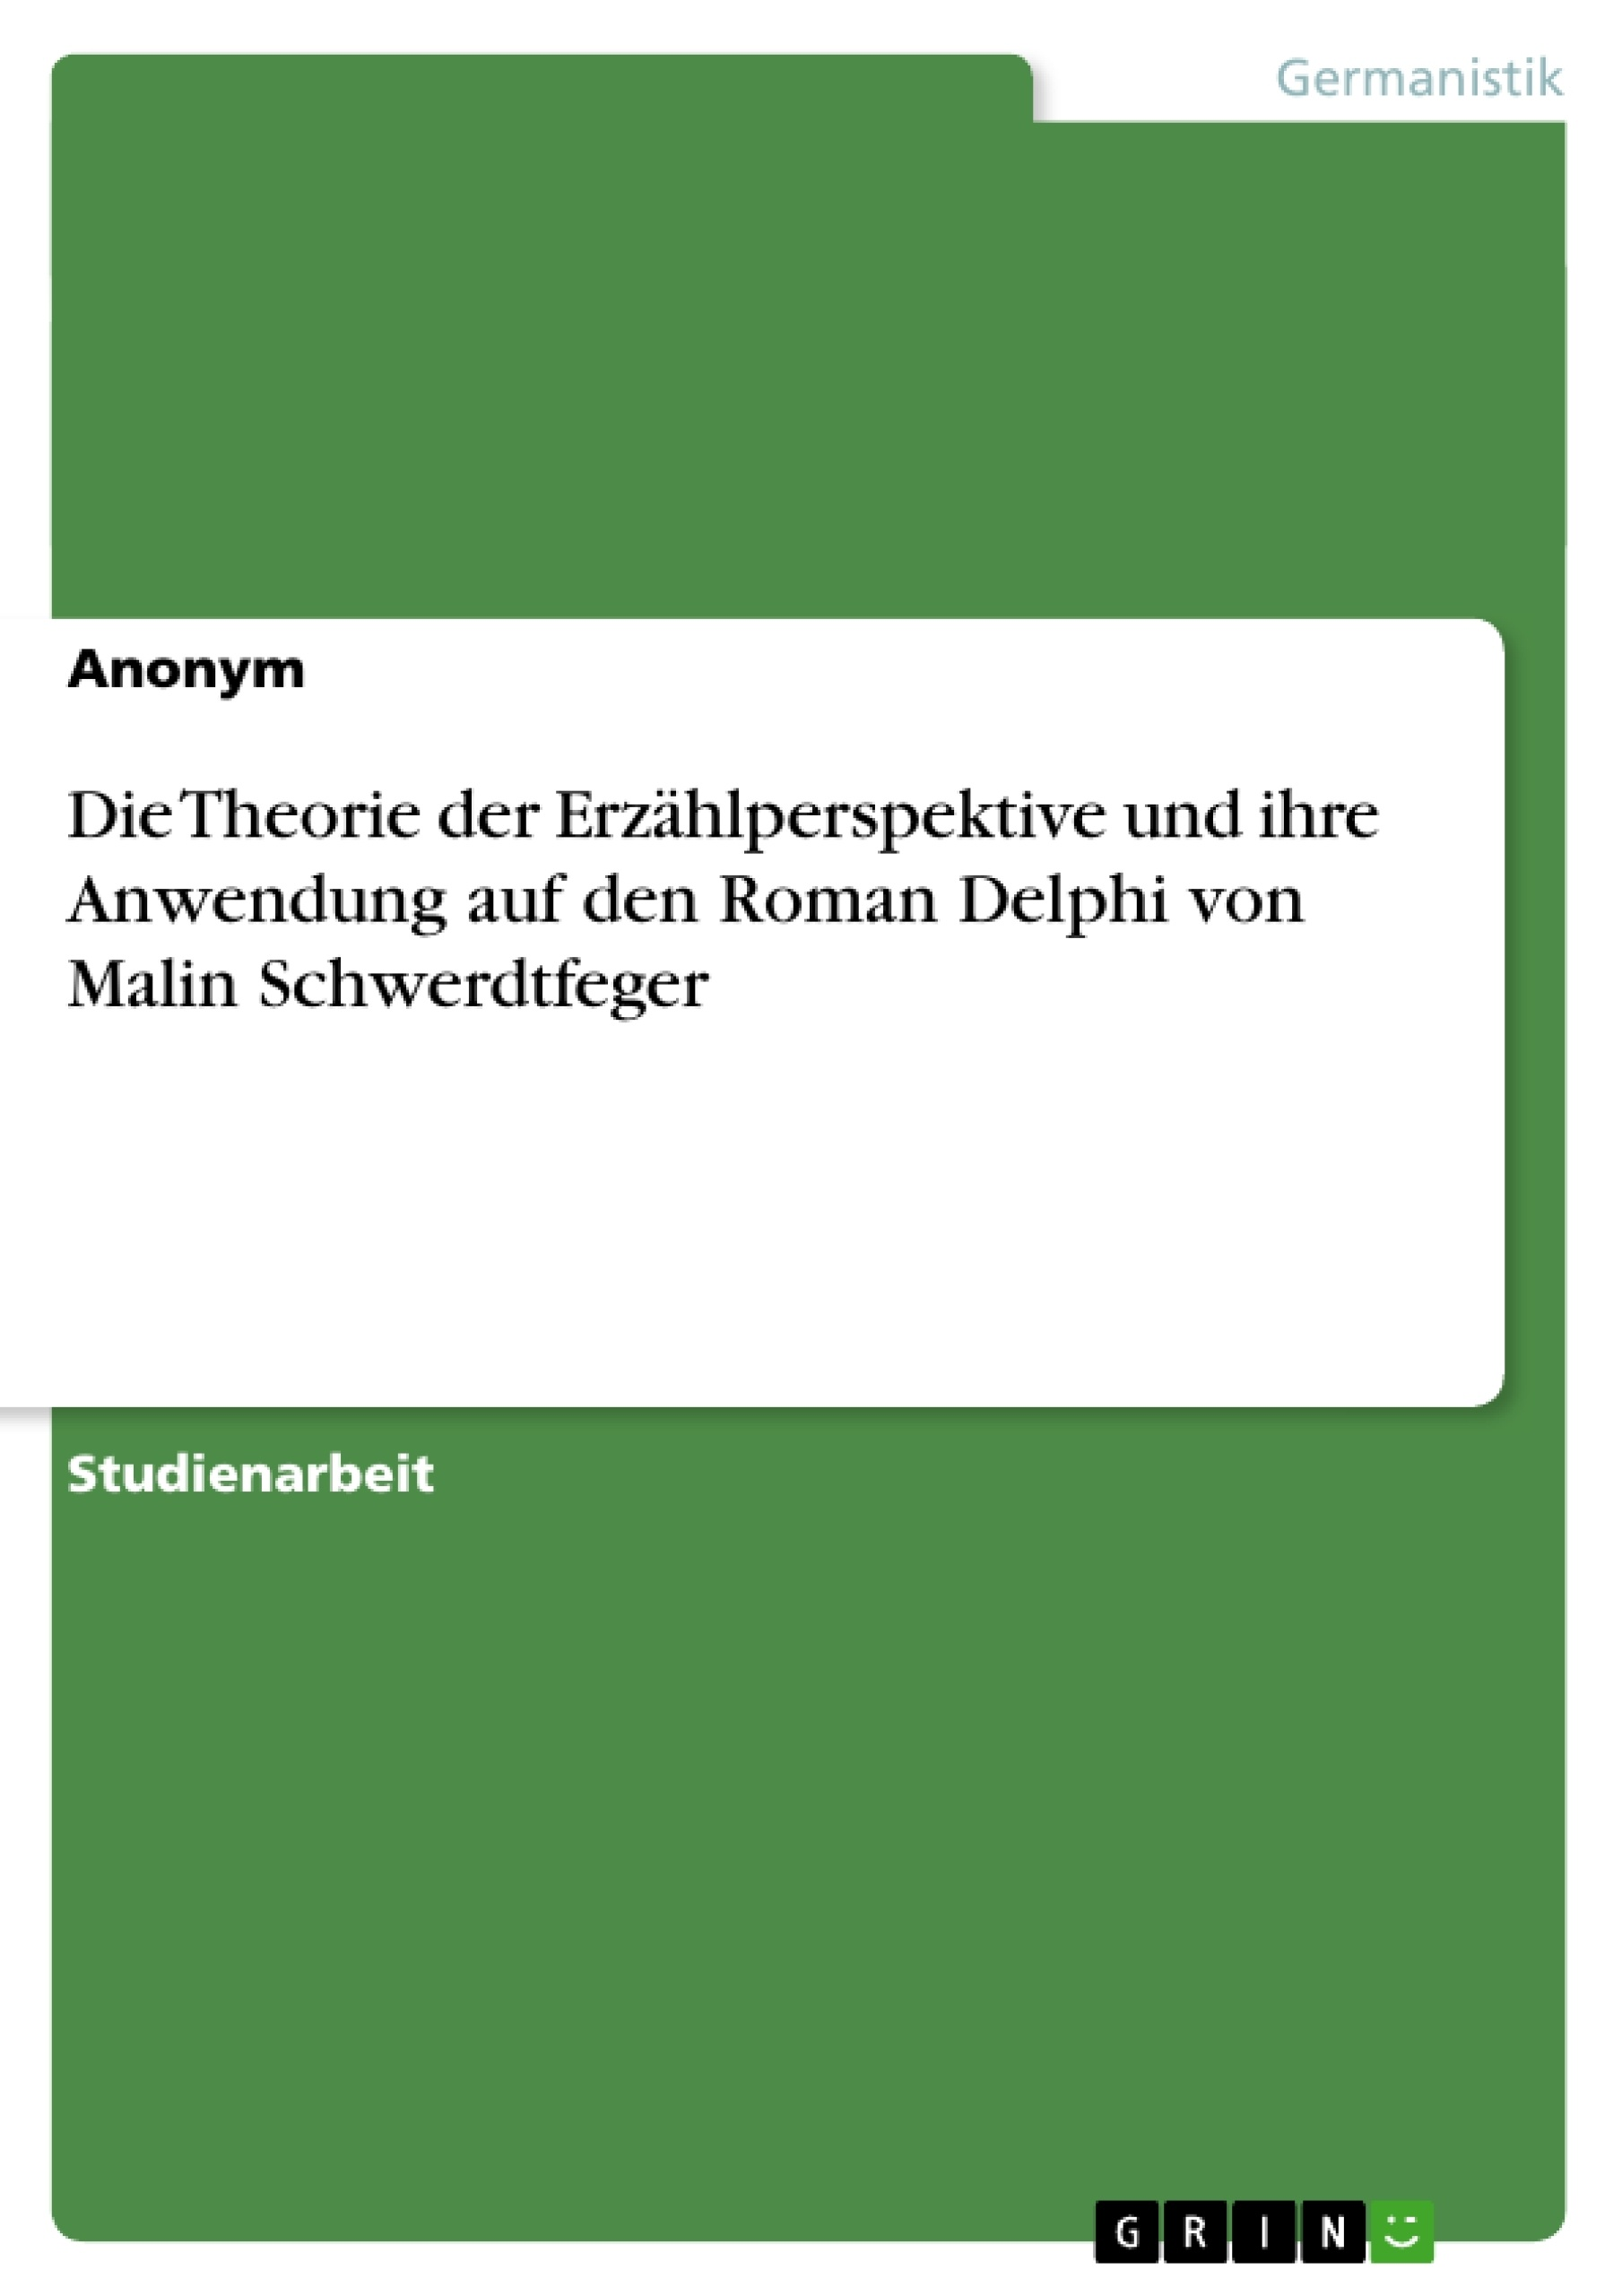 Titel: Die Theorie der Erzählperspektive und ihre Anwendung auf den Roman Delphi von Malin Schwerdtfeger